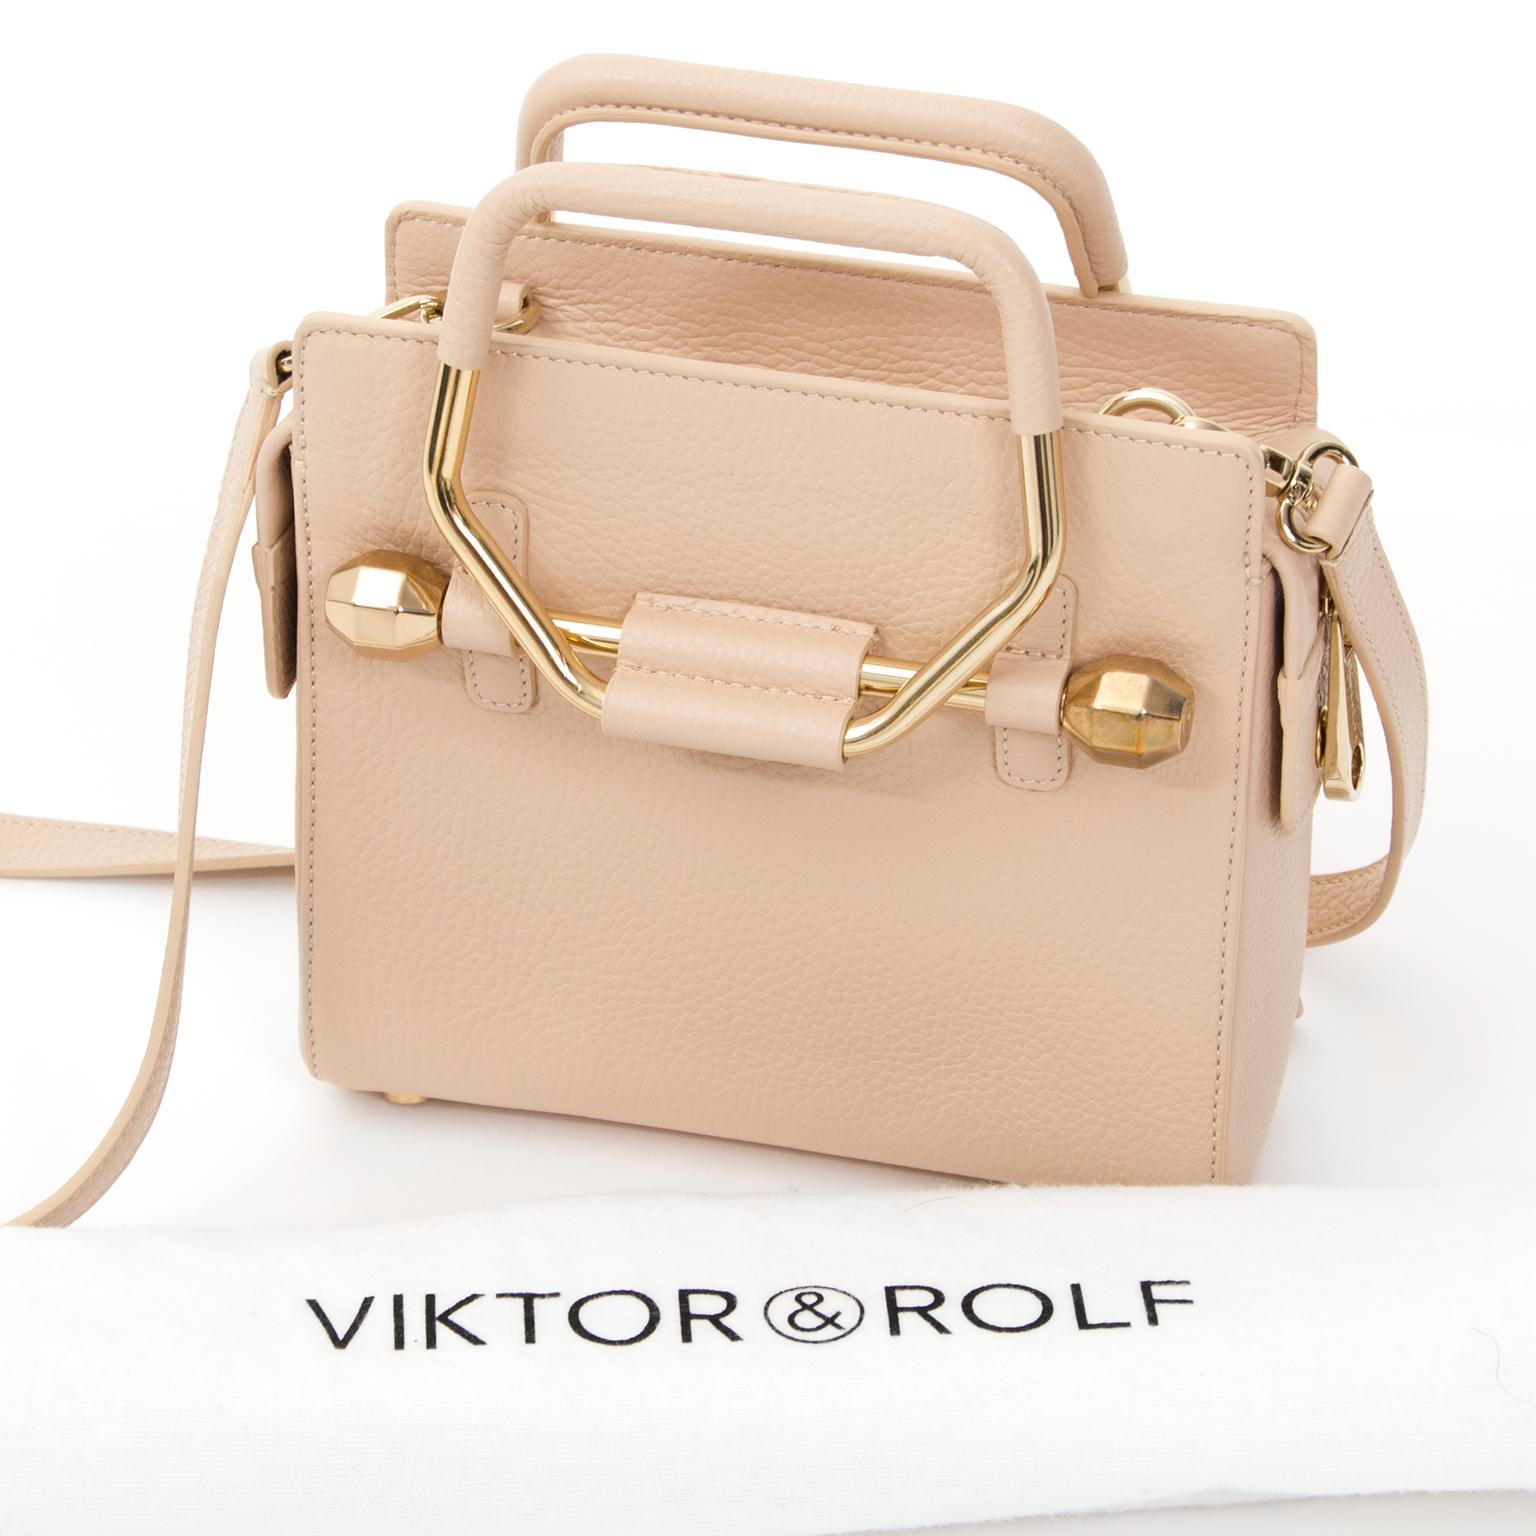 Koop en verkoop online tweedehands designer goederen, handtassen, mode.